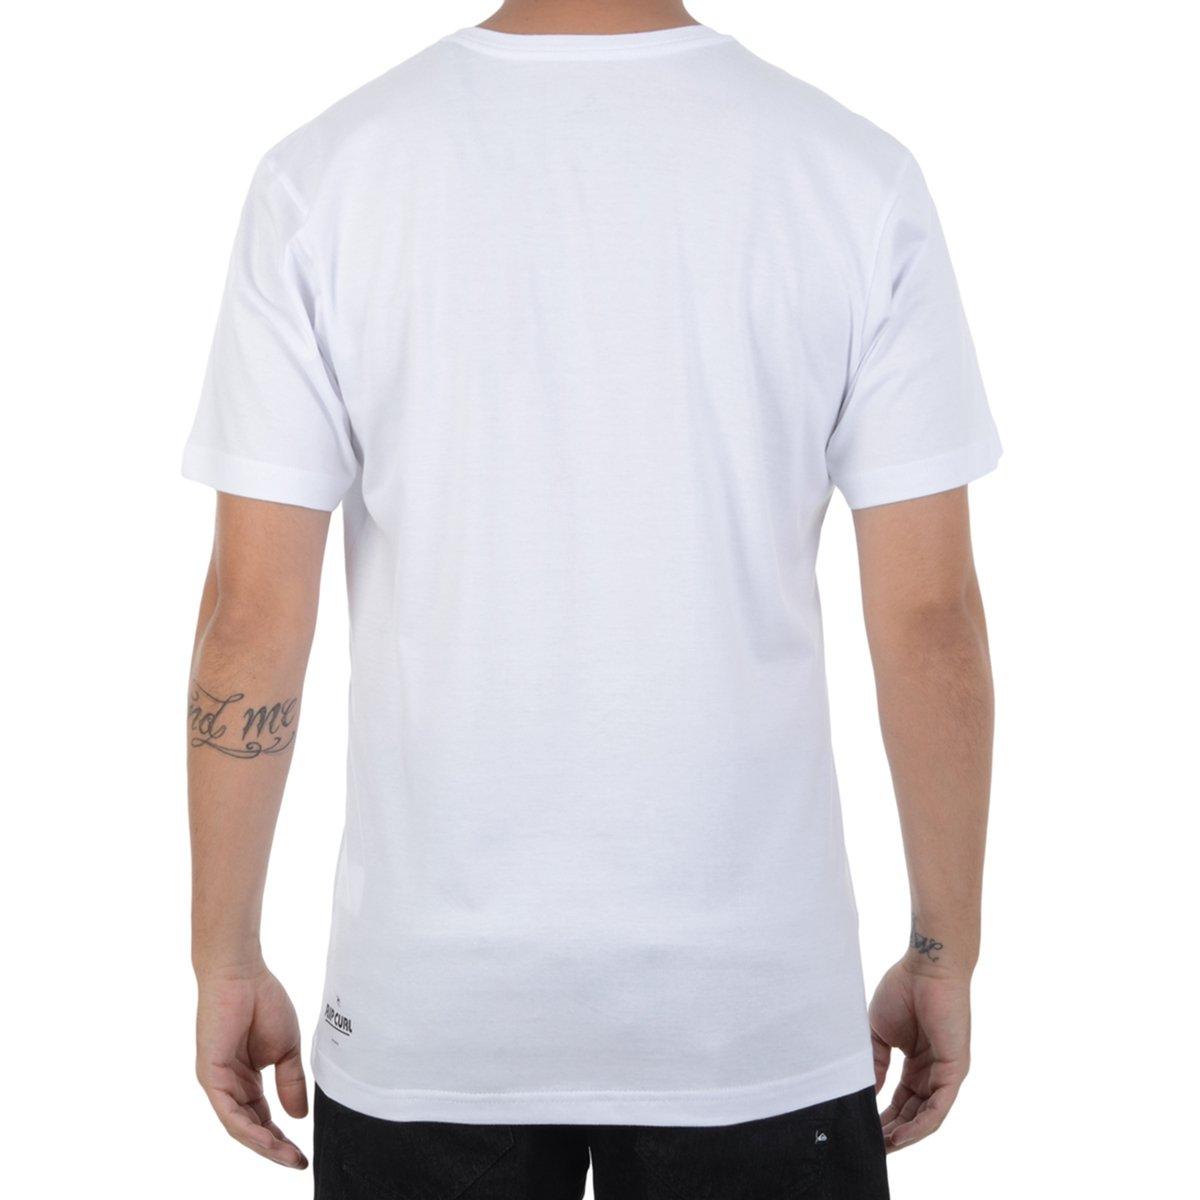 Camiseta Rip Curl 1000 Circulo - Compre Agora  218abcbacd7